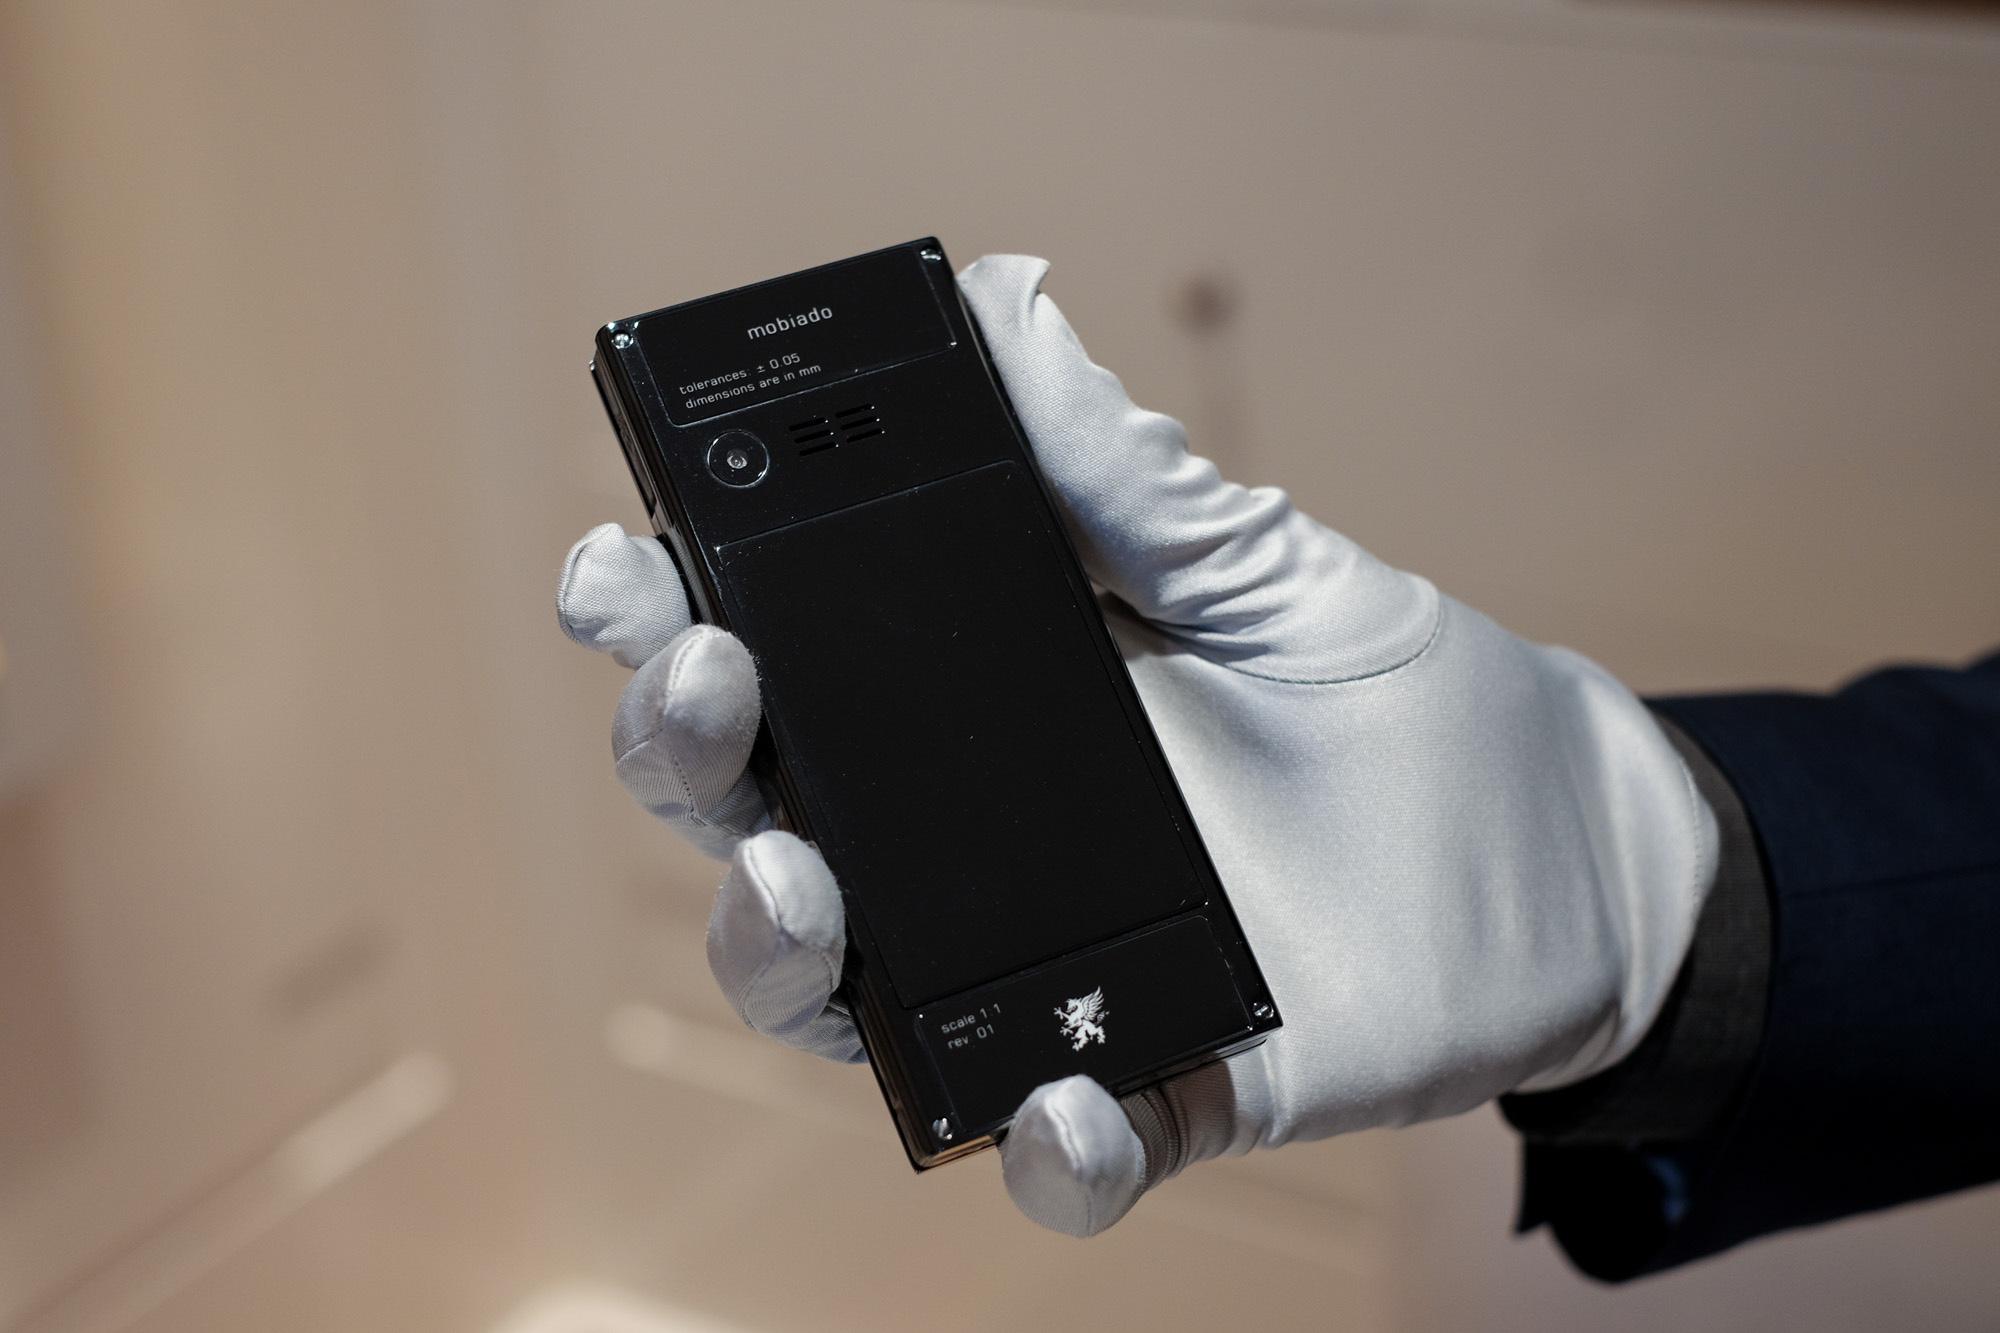 Ngắm nhìn điện thoại Mobiado hạng sang giá đắt nhất Việt Nam - Ảnh 11.